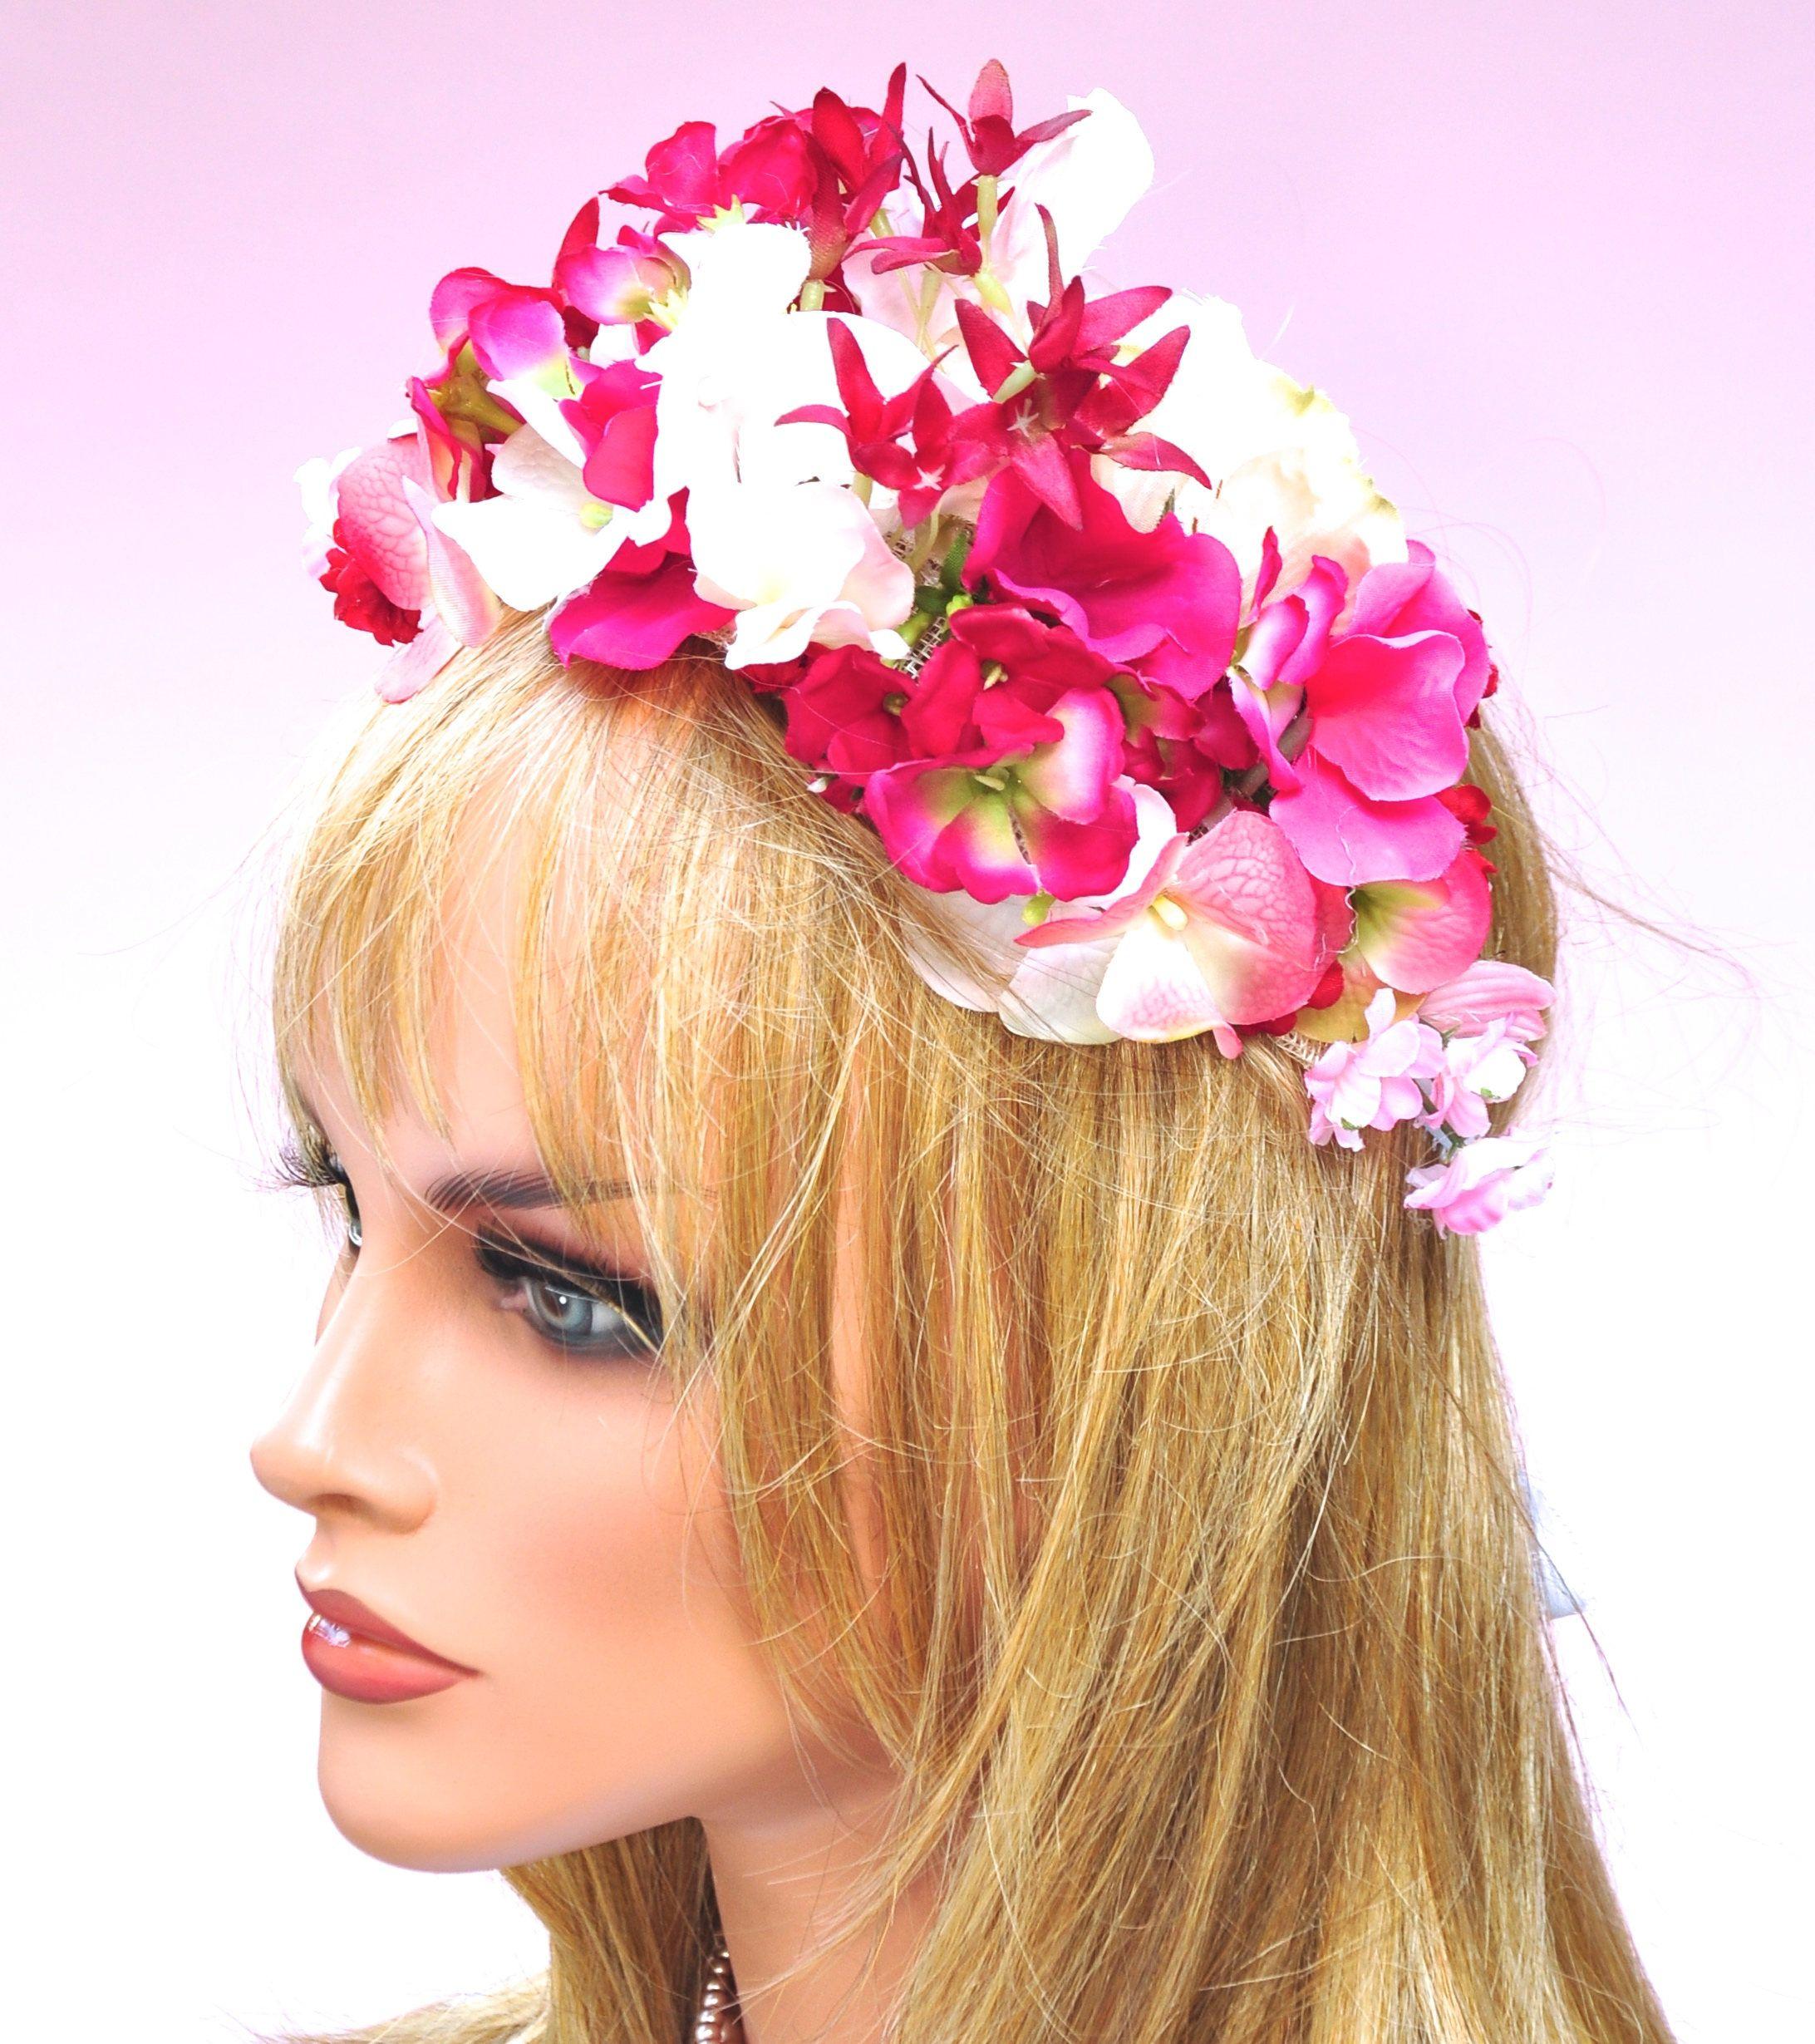 Pink Flower Headpiece Flower Crown Wedding Headpiece Wedding